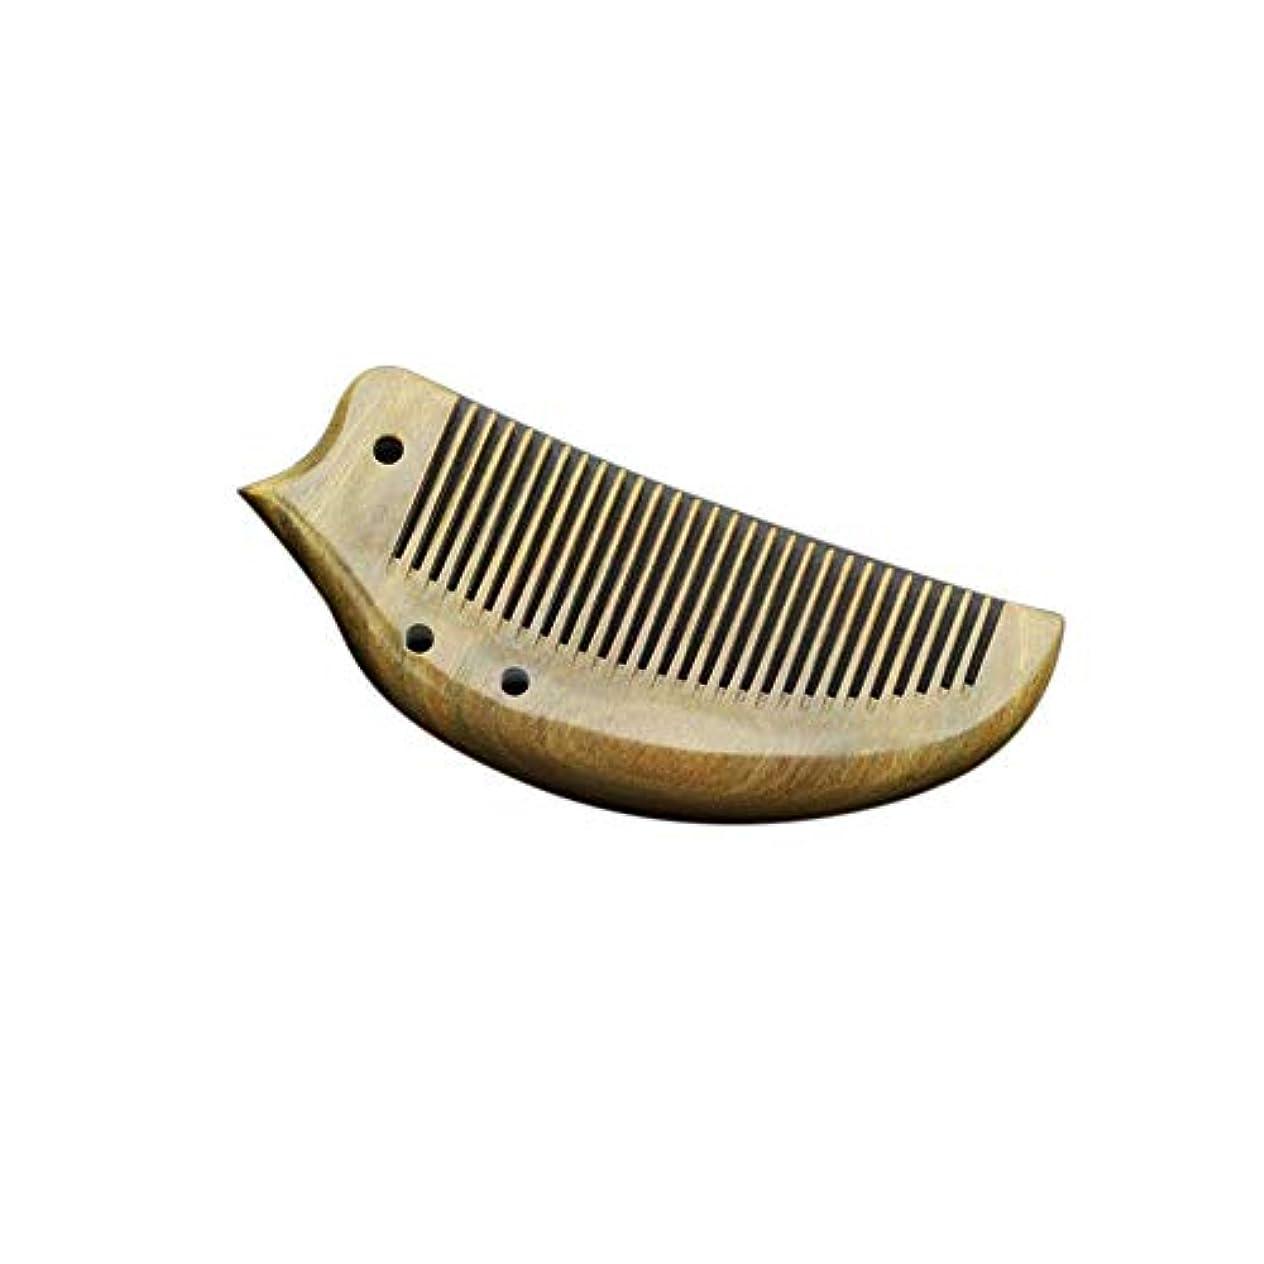 どちらかライド十億Fashian手作りの木製くしナチュラルサンダルウッド櫛(ノースタティック、ノーもつれ) ヘアケア (色 : オレンジ)